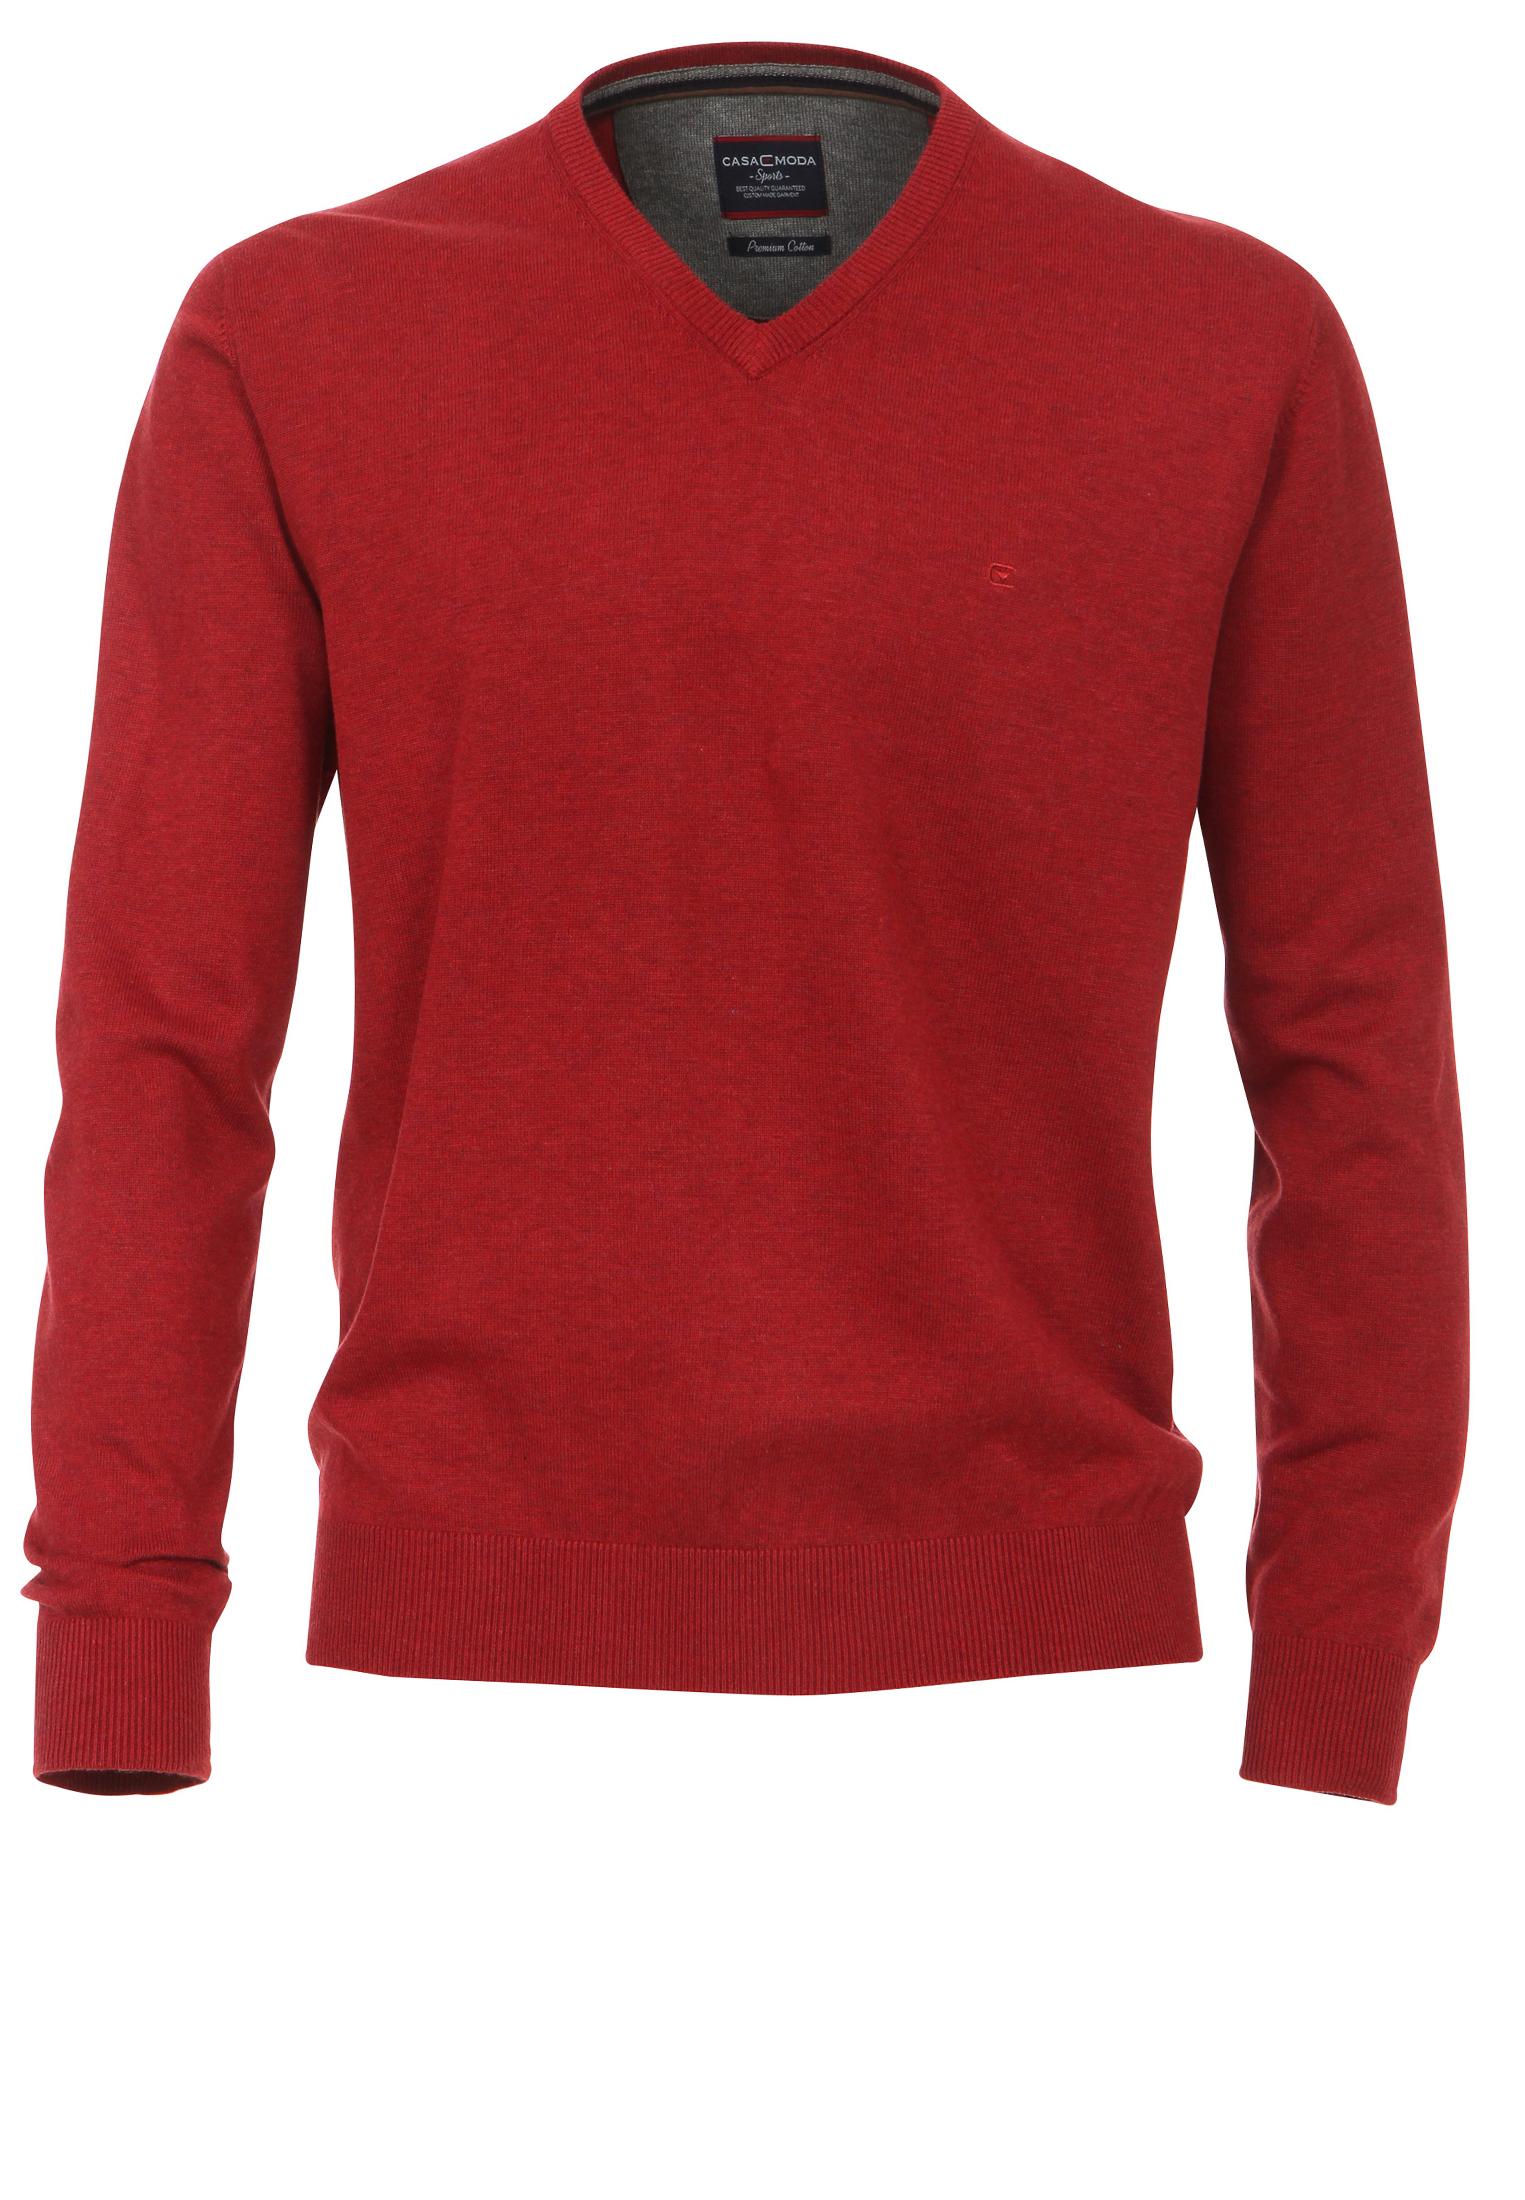 Fijn gebreide rode effen trui van Casa Moda met V-hals. Deze dunne trui heeft een elastische tailleband wat zorgt voor een mooie pasvorm. Dit multifunctionele artikel kan casual op een spijkerbroek gedragen worden of zakelijk over een overhemd op een pantalon. Een heerlijke comfortabele trui om te dragen.